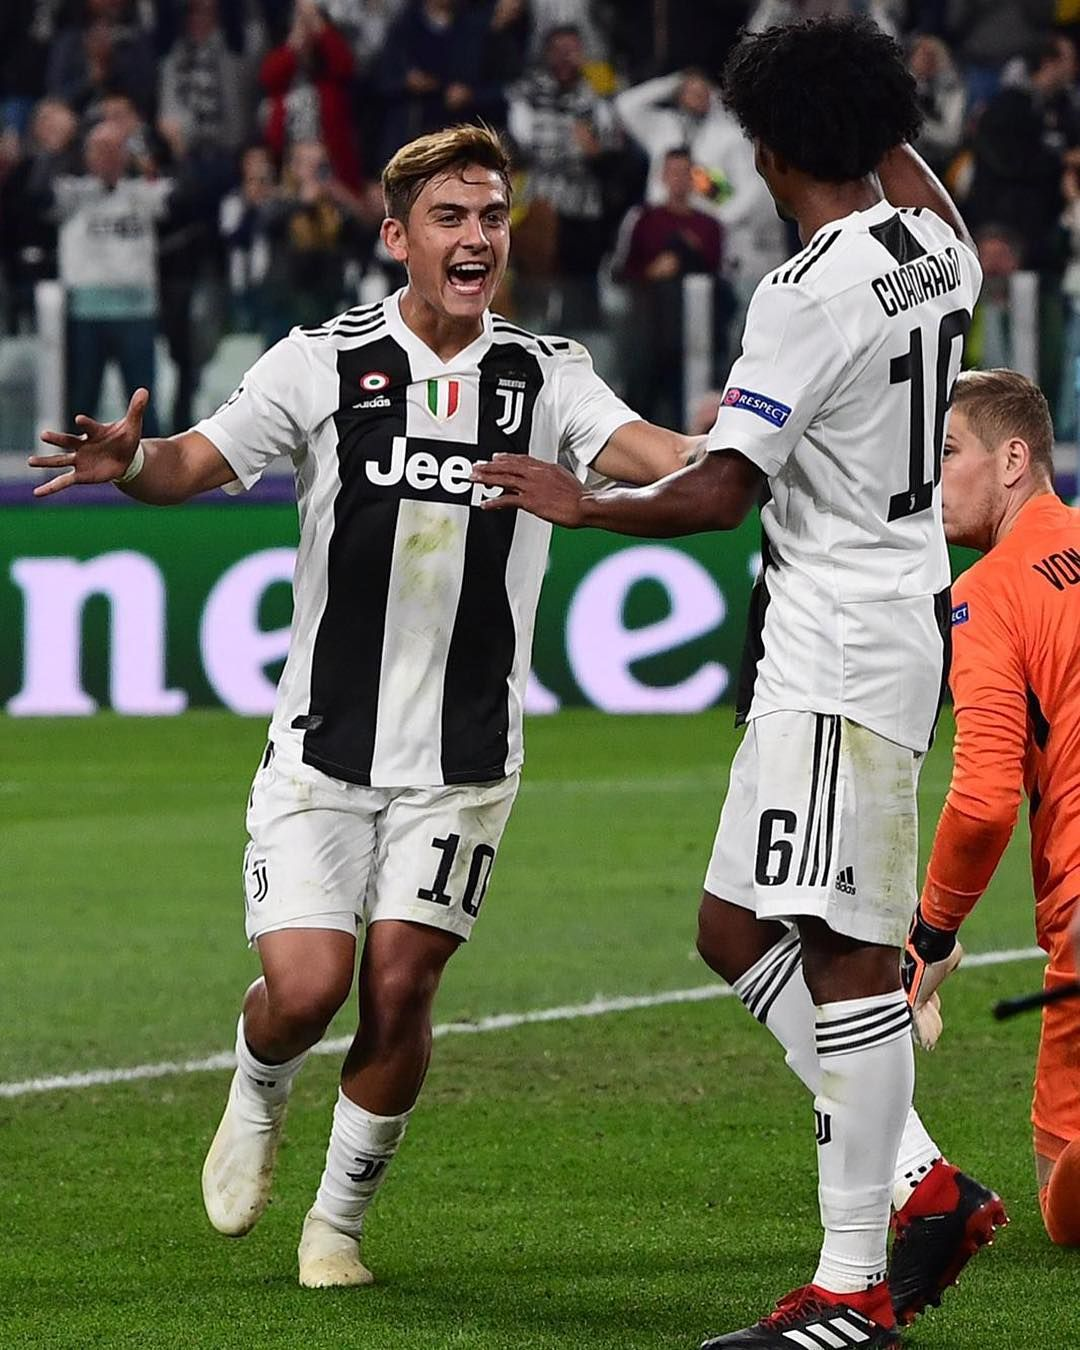 15.November 2018  Juventus  Dybala  Cuadrado INSTAGRAM.COM  014f7e9a8c52